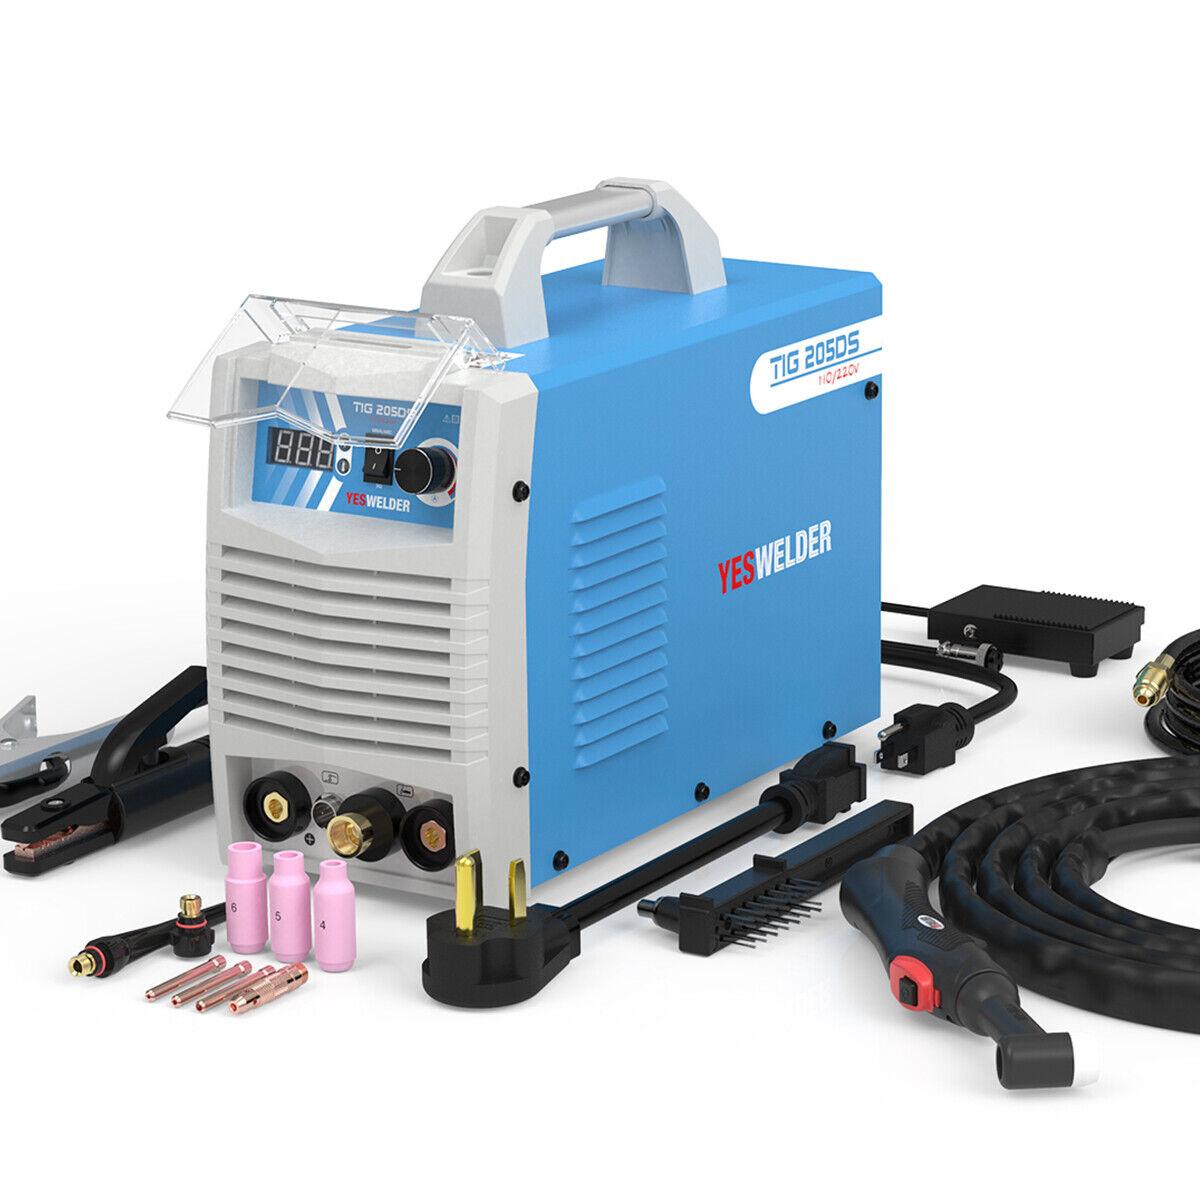 TIG-205DS weld_mart 205 Amp HF TIG/Stick/Arc TIG Welder 110 /220V Dual Voltage TIG Welding Machine